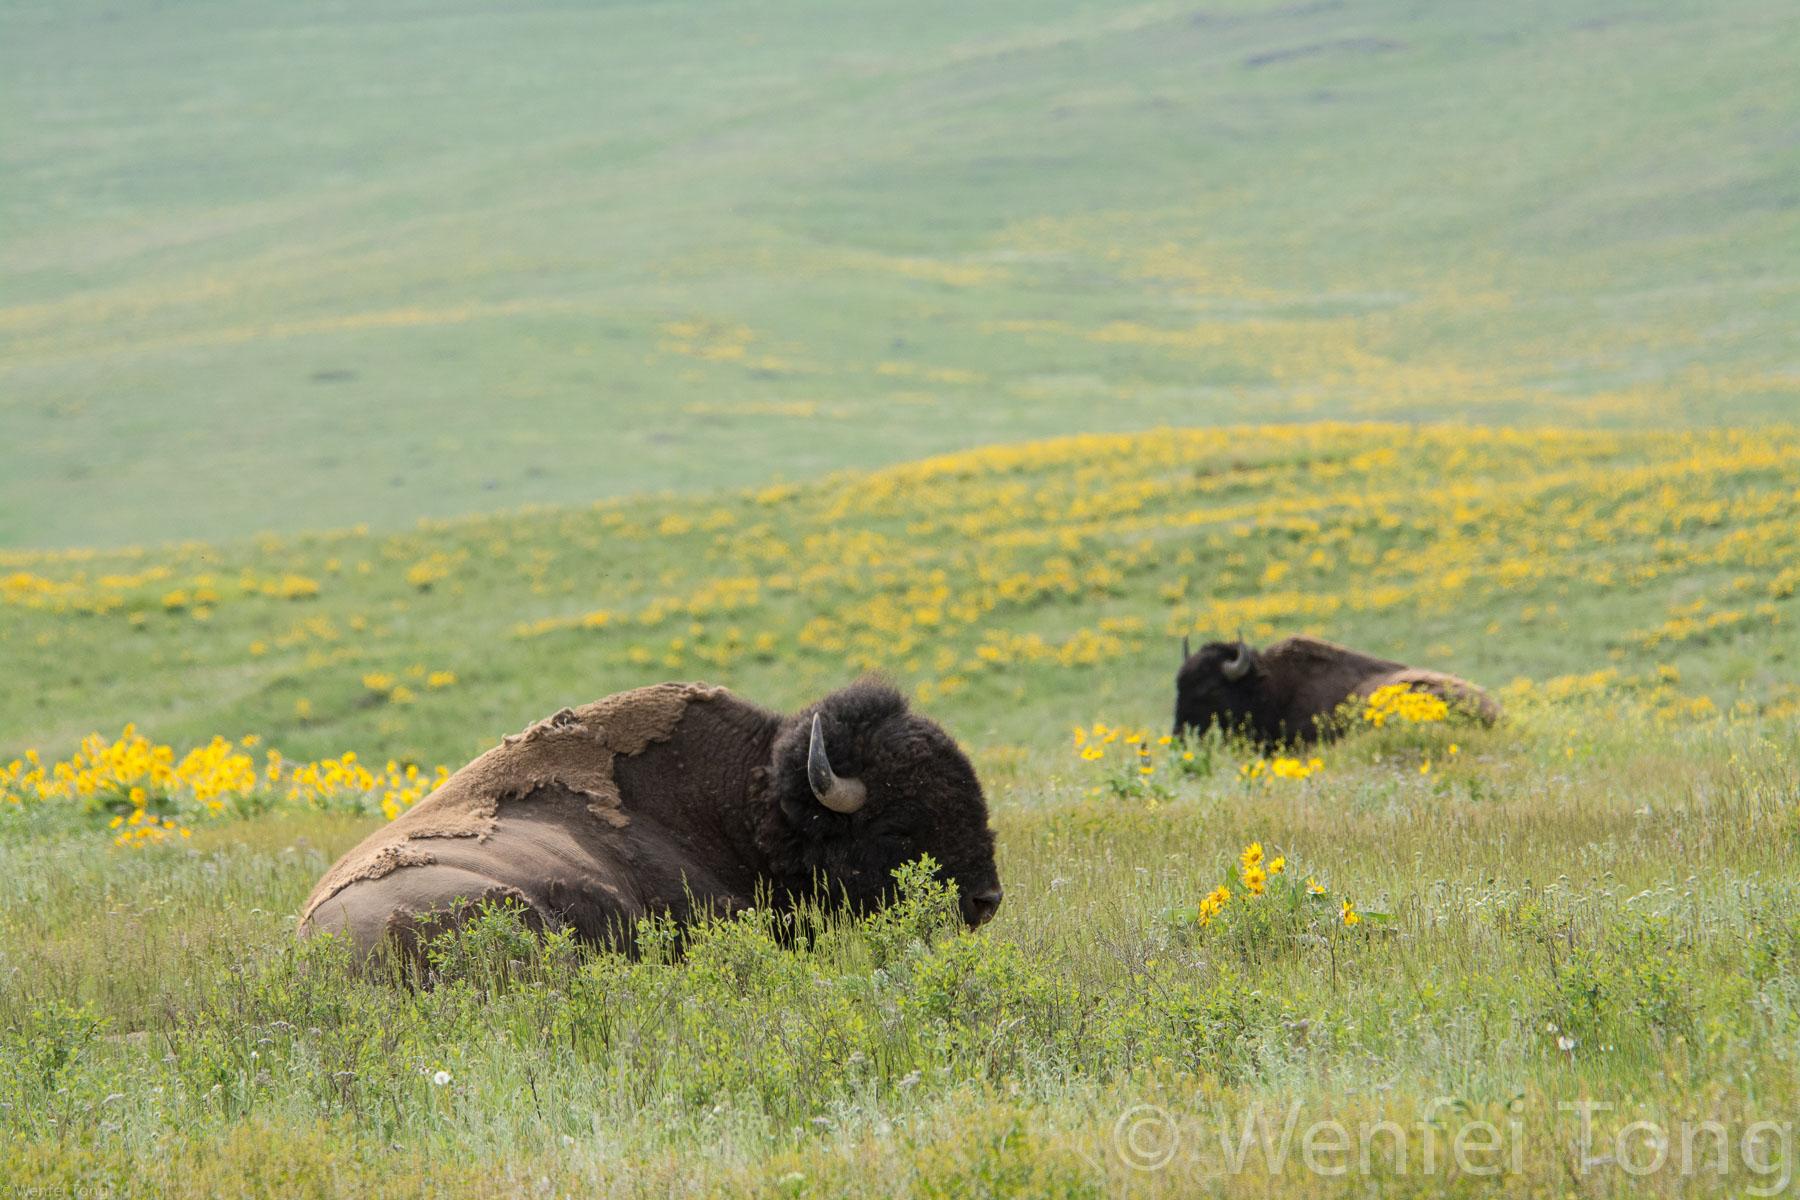 Sleepy bison bulls lying in a bed of arrowleaf balsamroot